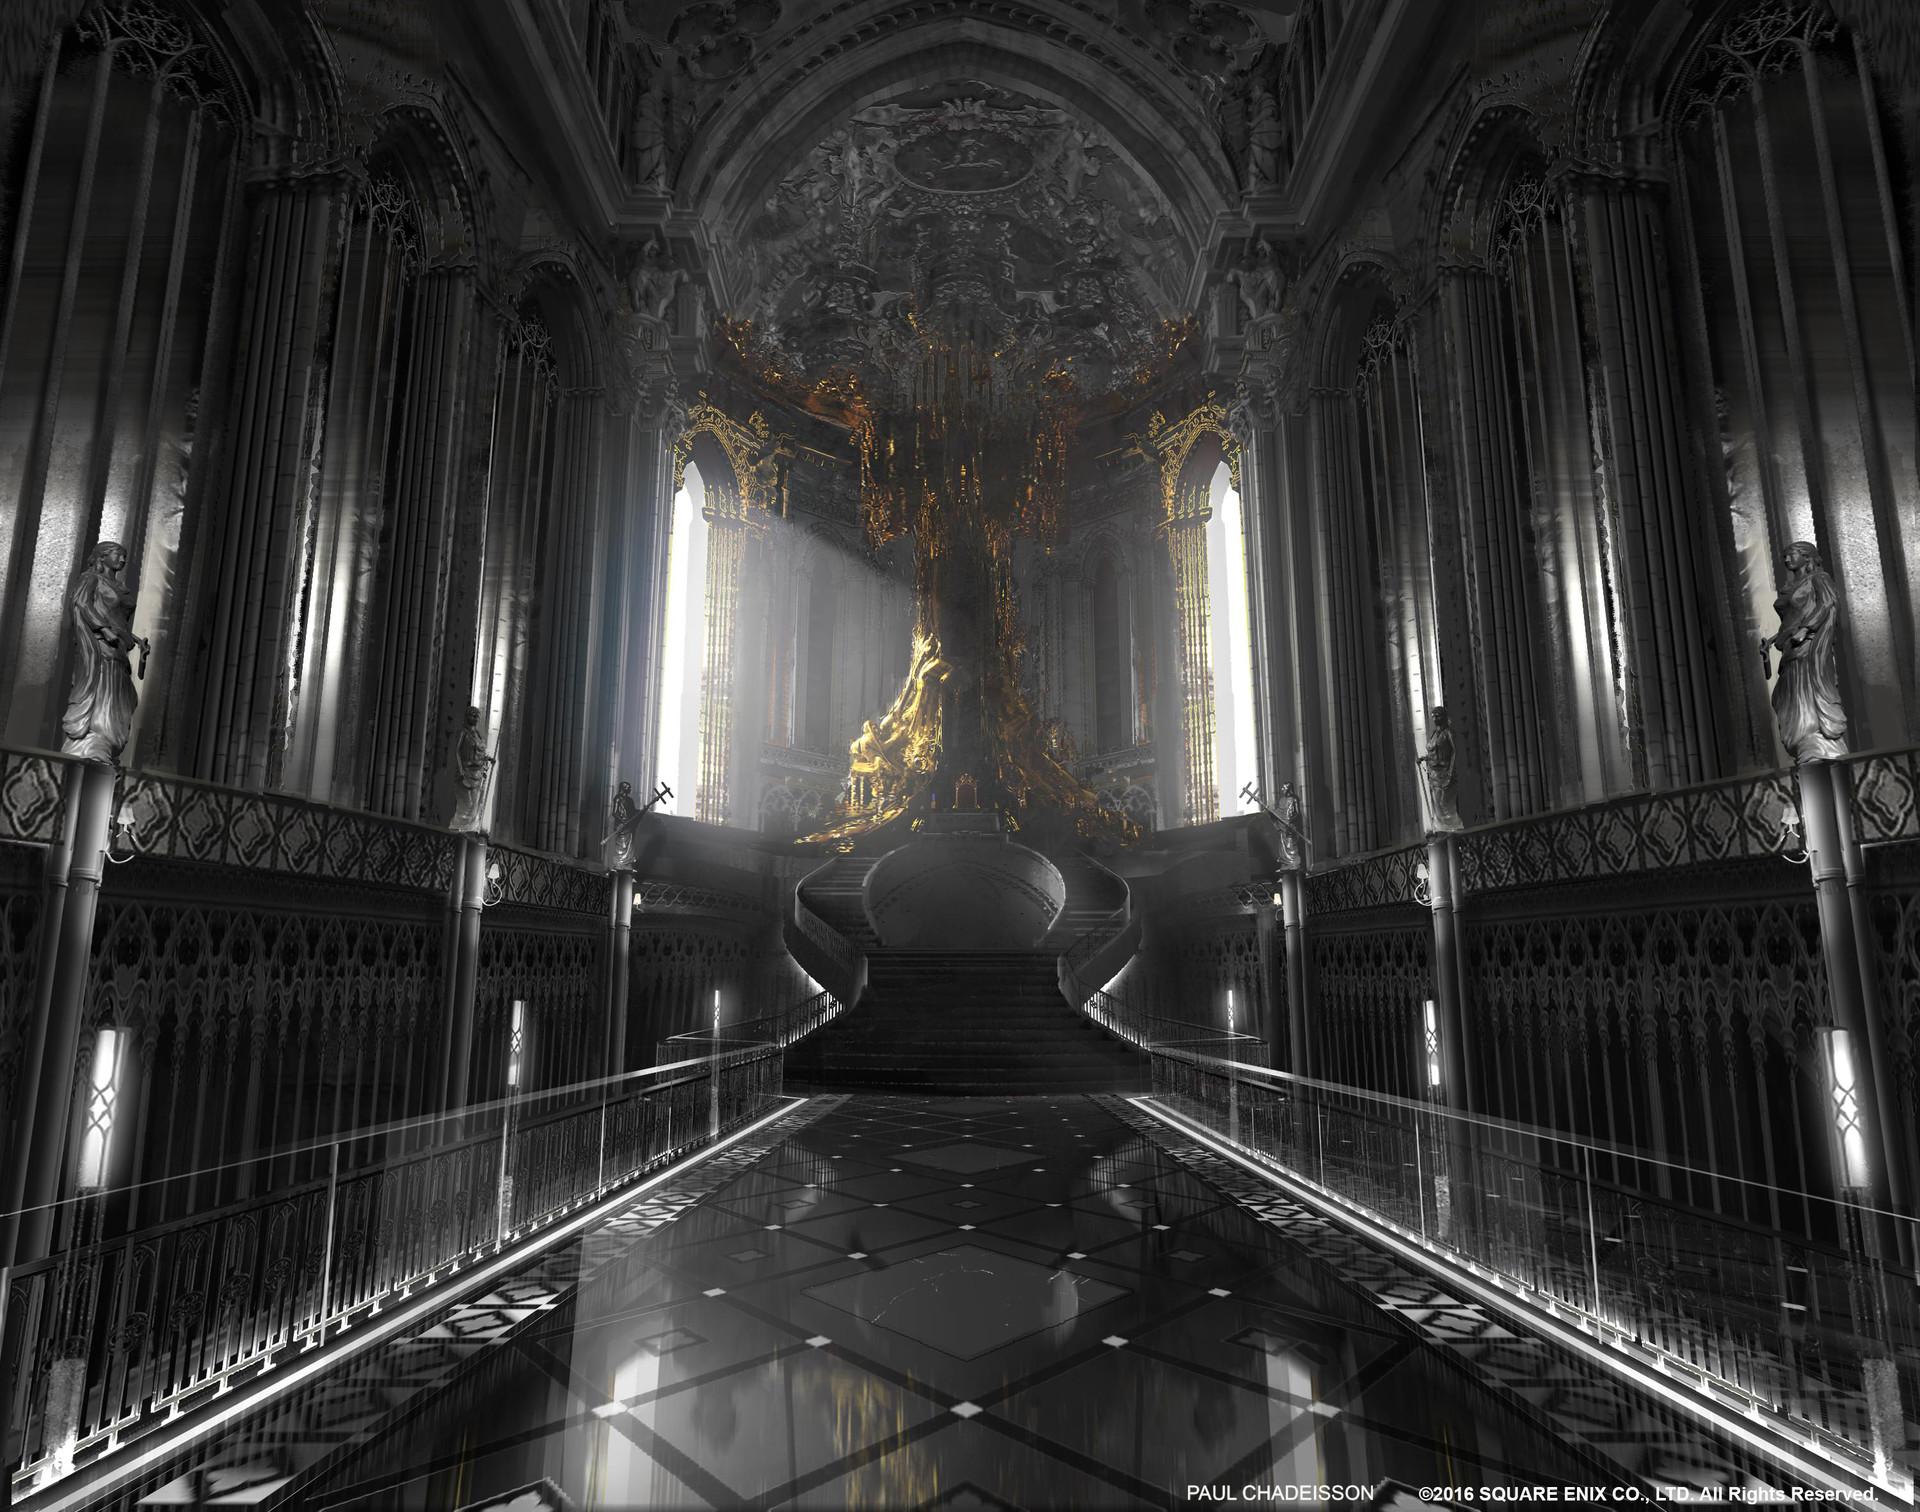 Paul-Chadeisson-Concept-Art-3